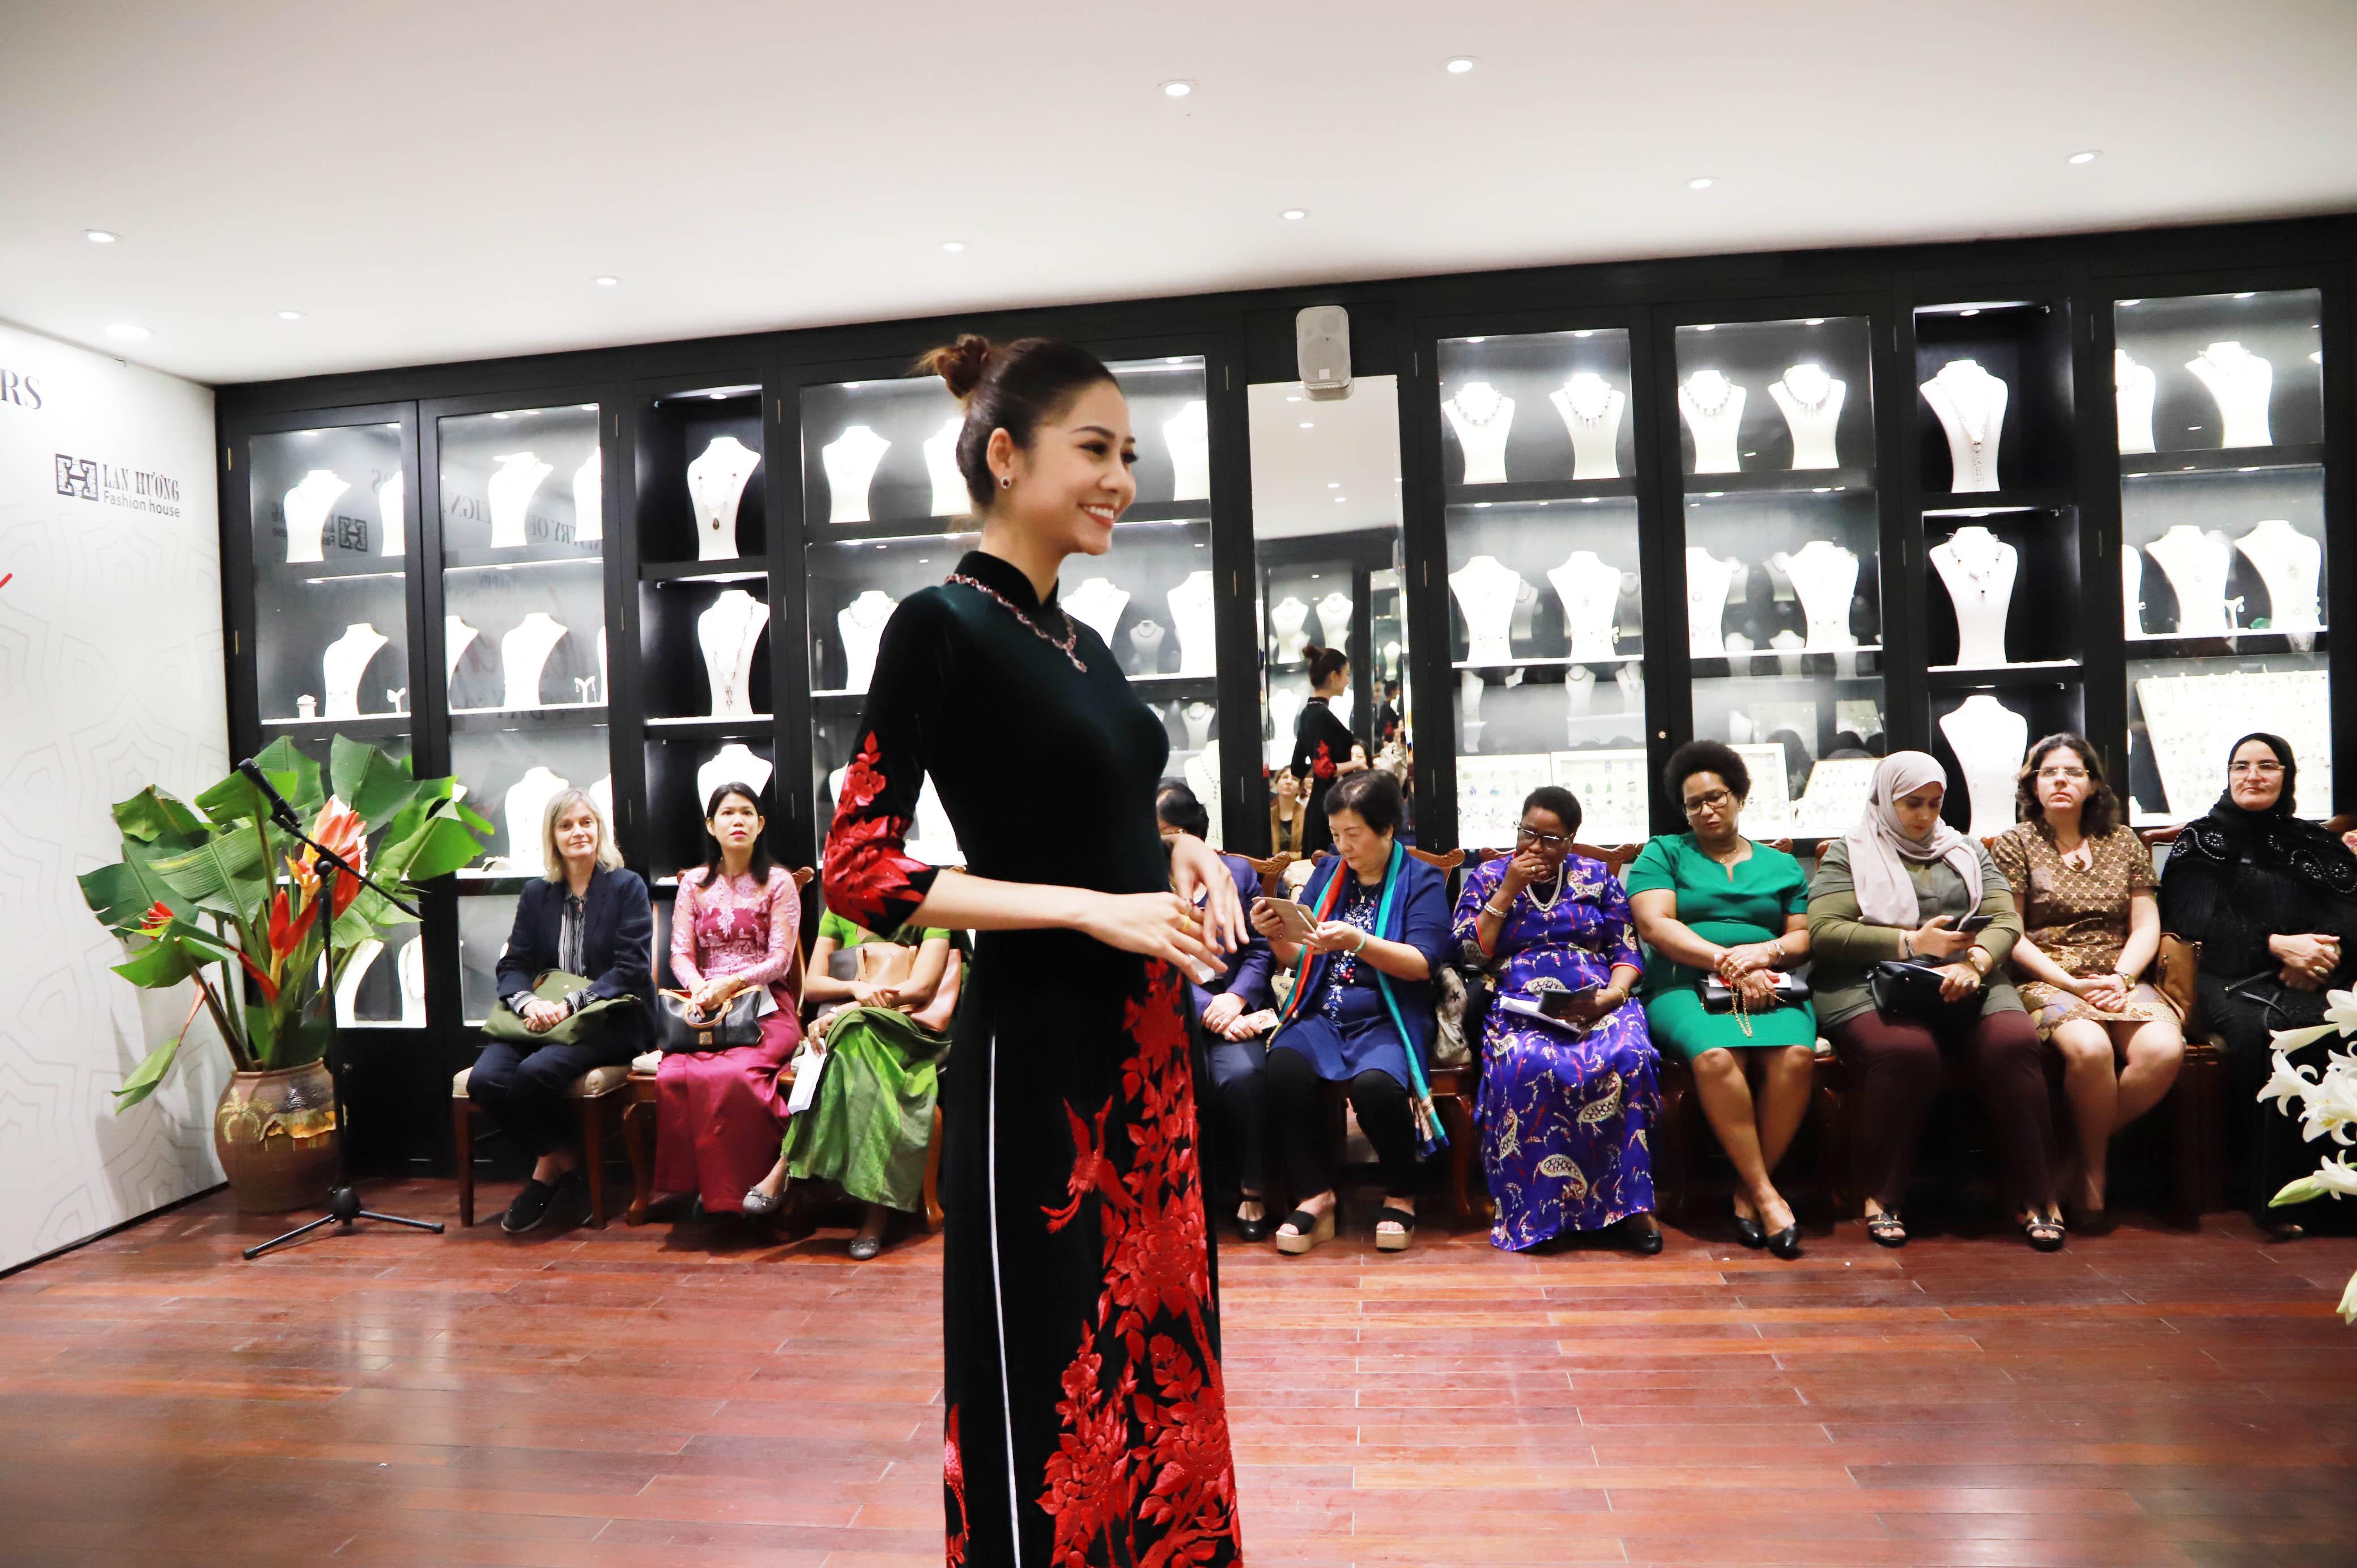 Buổi gặp mặt đã diễn ra trang trọng và thân tình, để lại ấn tượng sâu đậm về một Việt Nam hiện đại, giàu bản sắc văn hóa truyền thống, đang tiếp tục hội nhập quốc tế ngày càng sâu rộng và toàn diện.